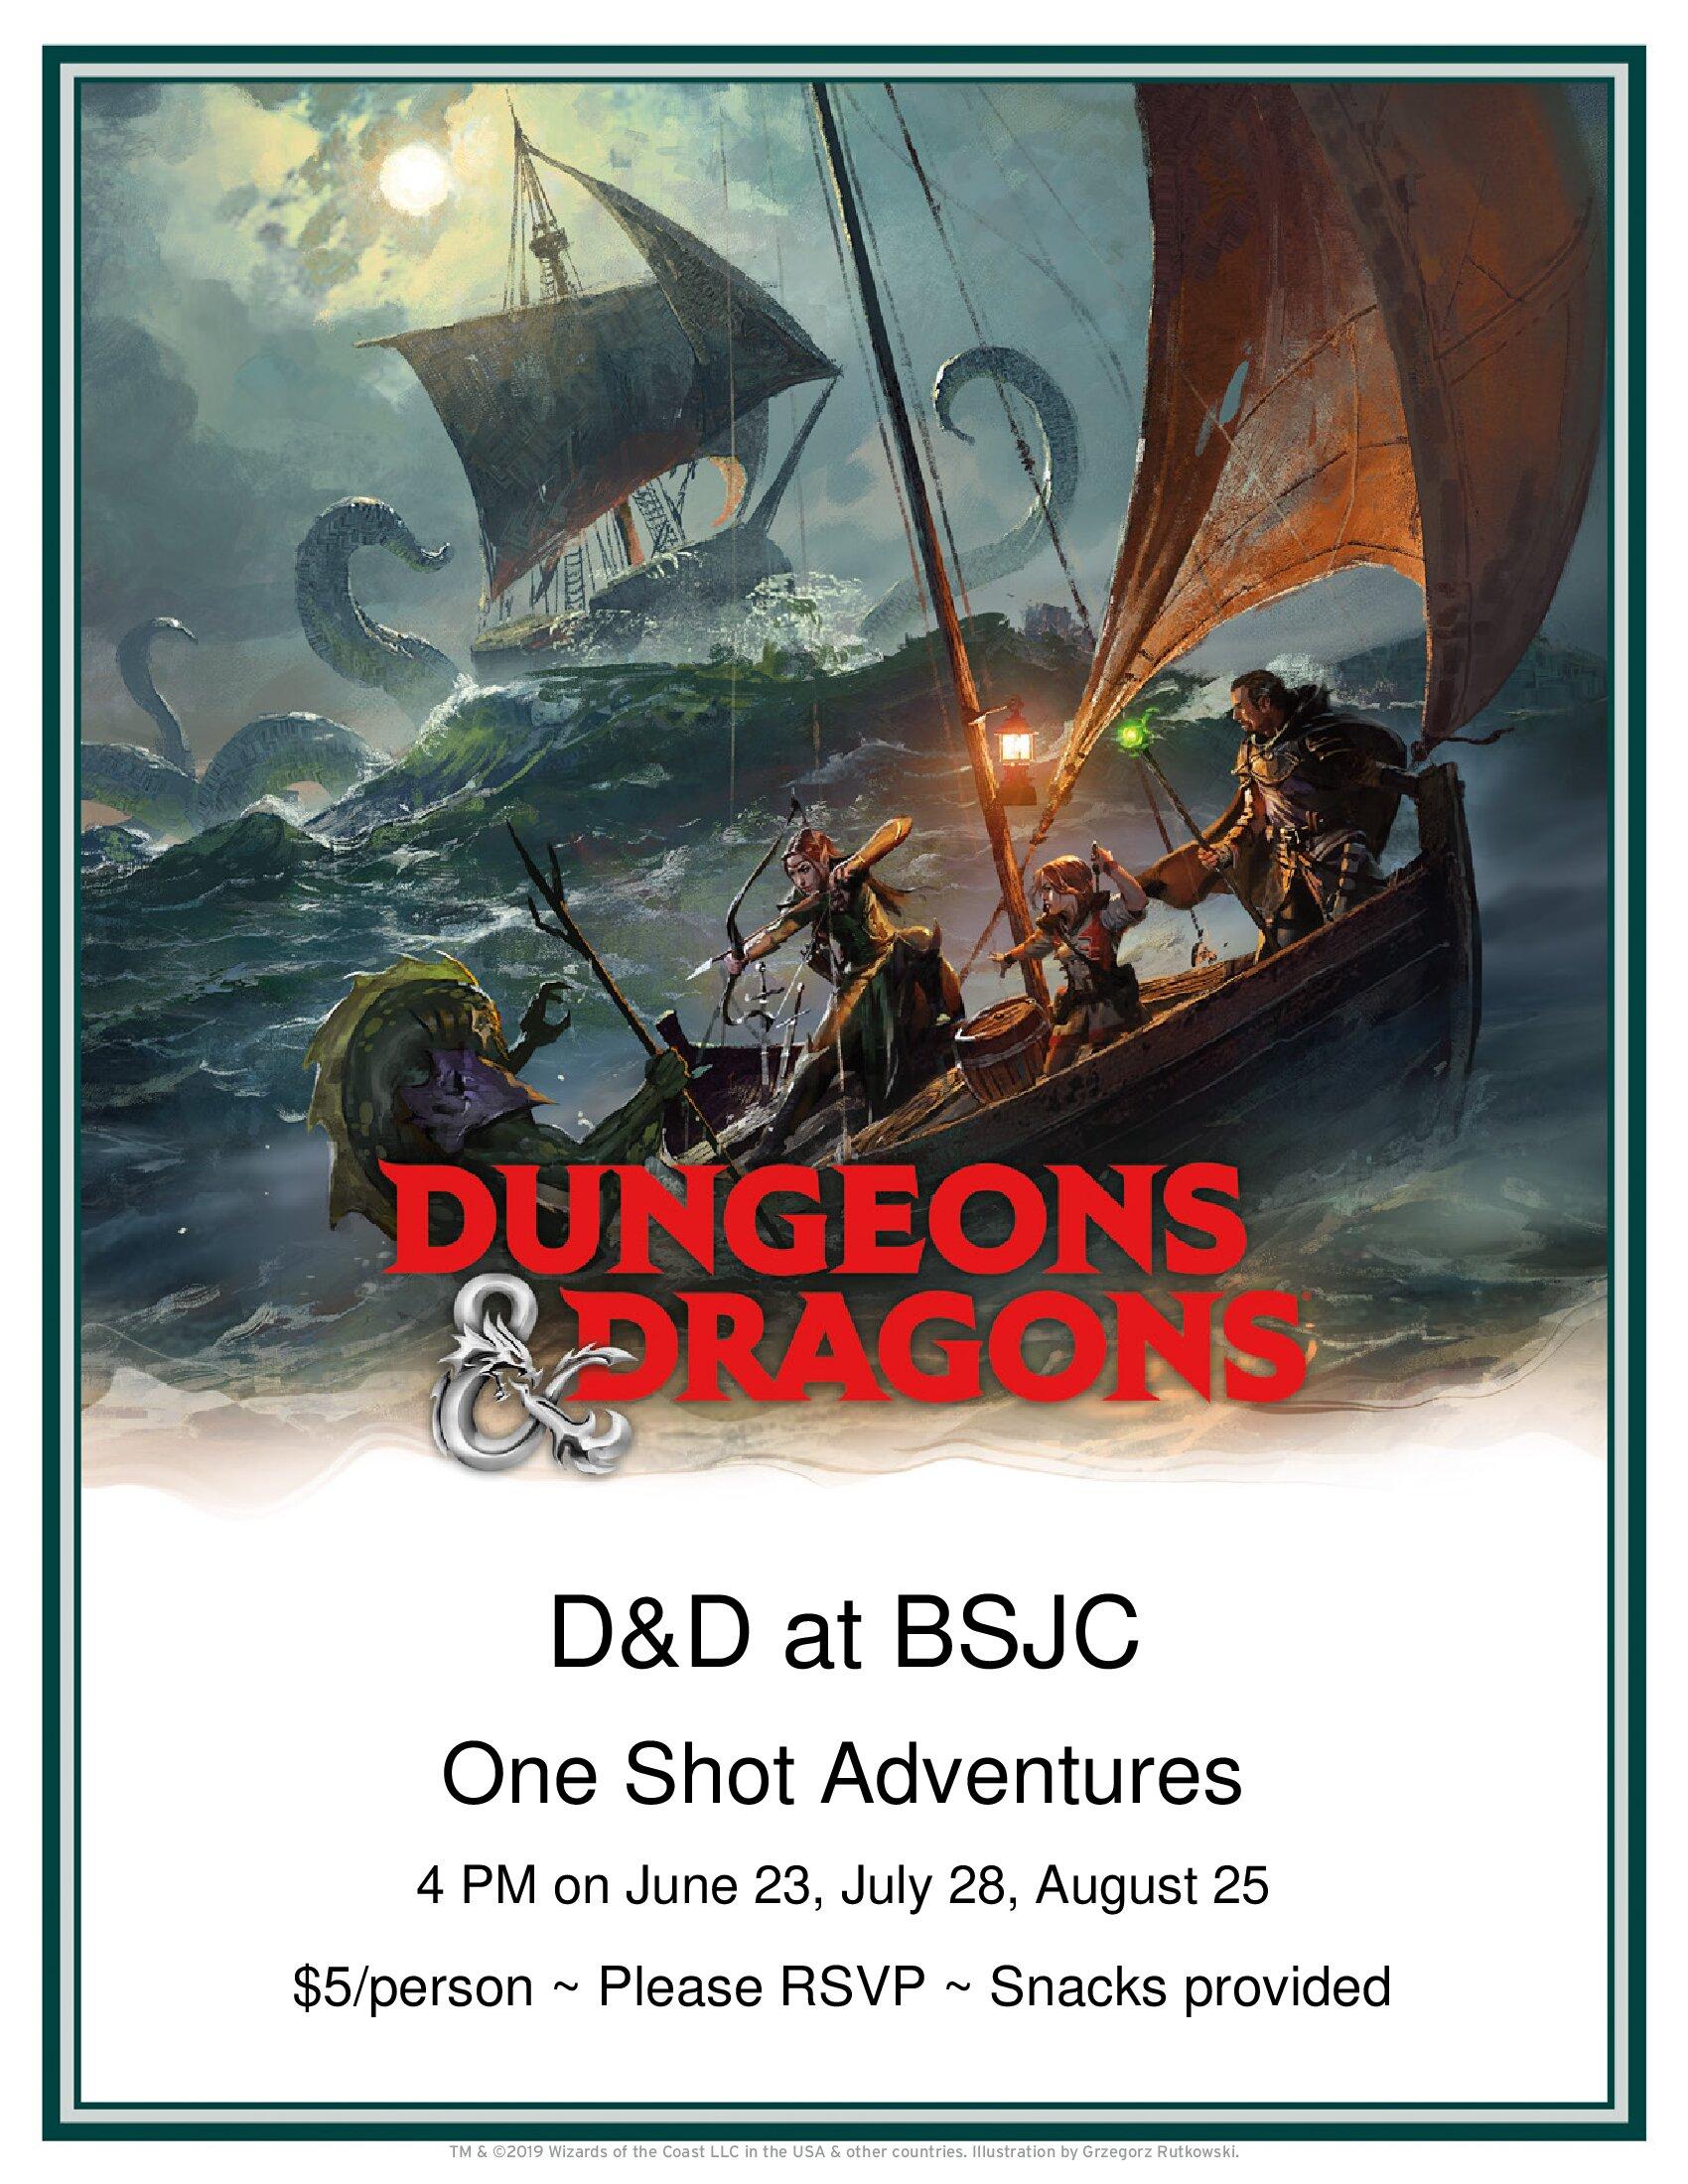 D&D_flyer.jpg